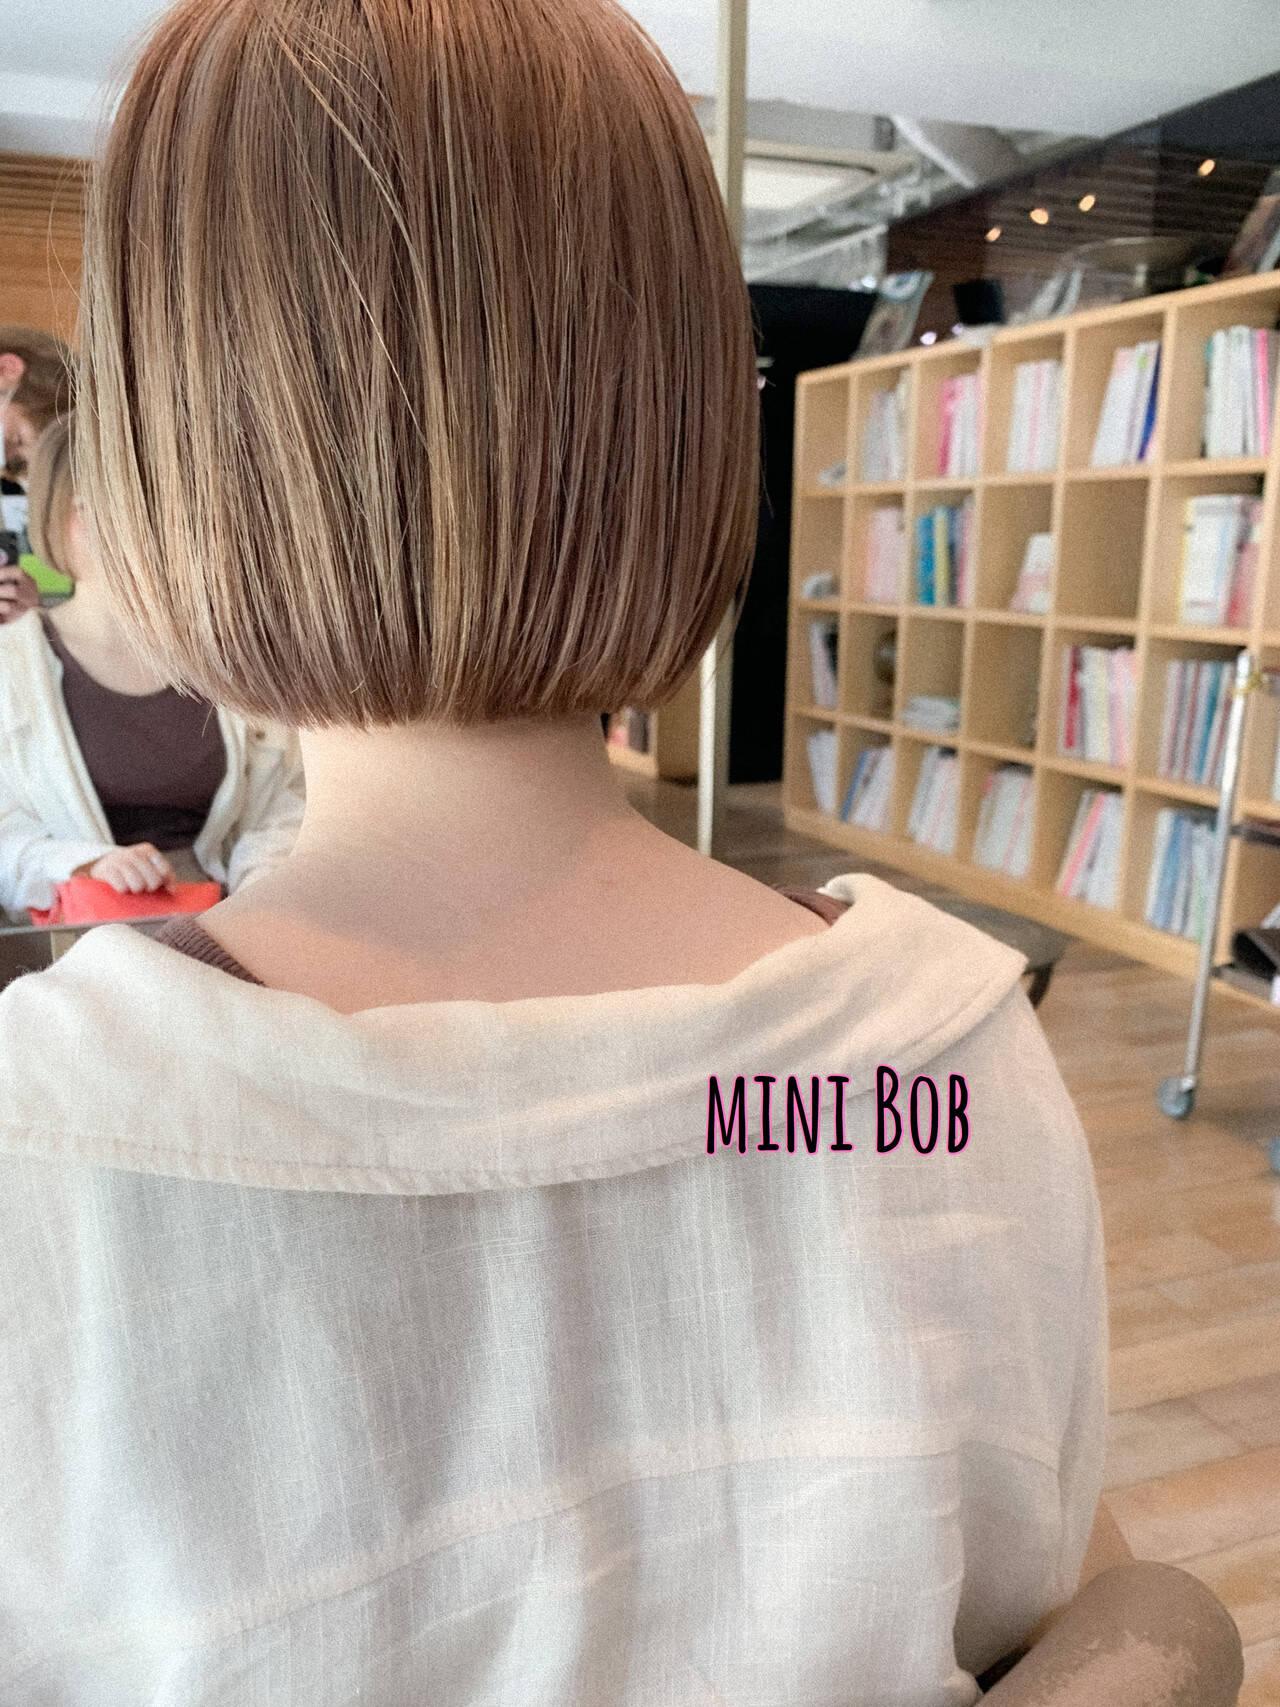 ボブ ナチュラル ハイトーンボブ ミルクティーベージュヘアスタイルや髪型の写真・画像